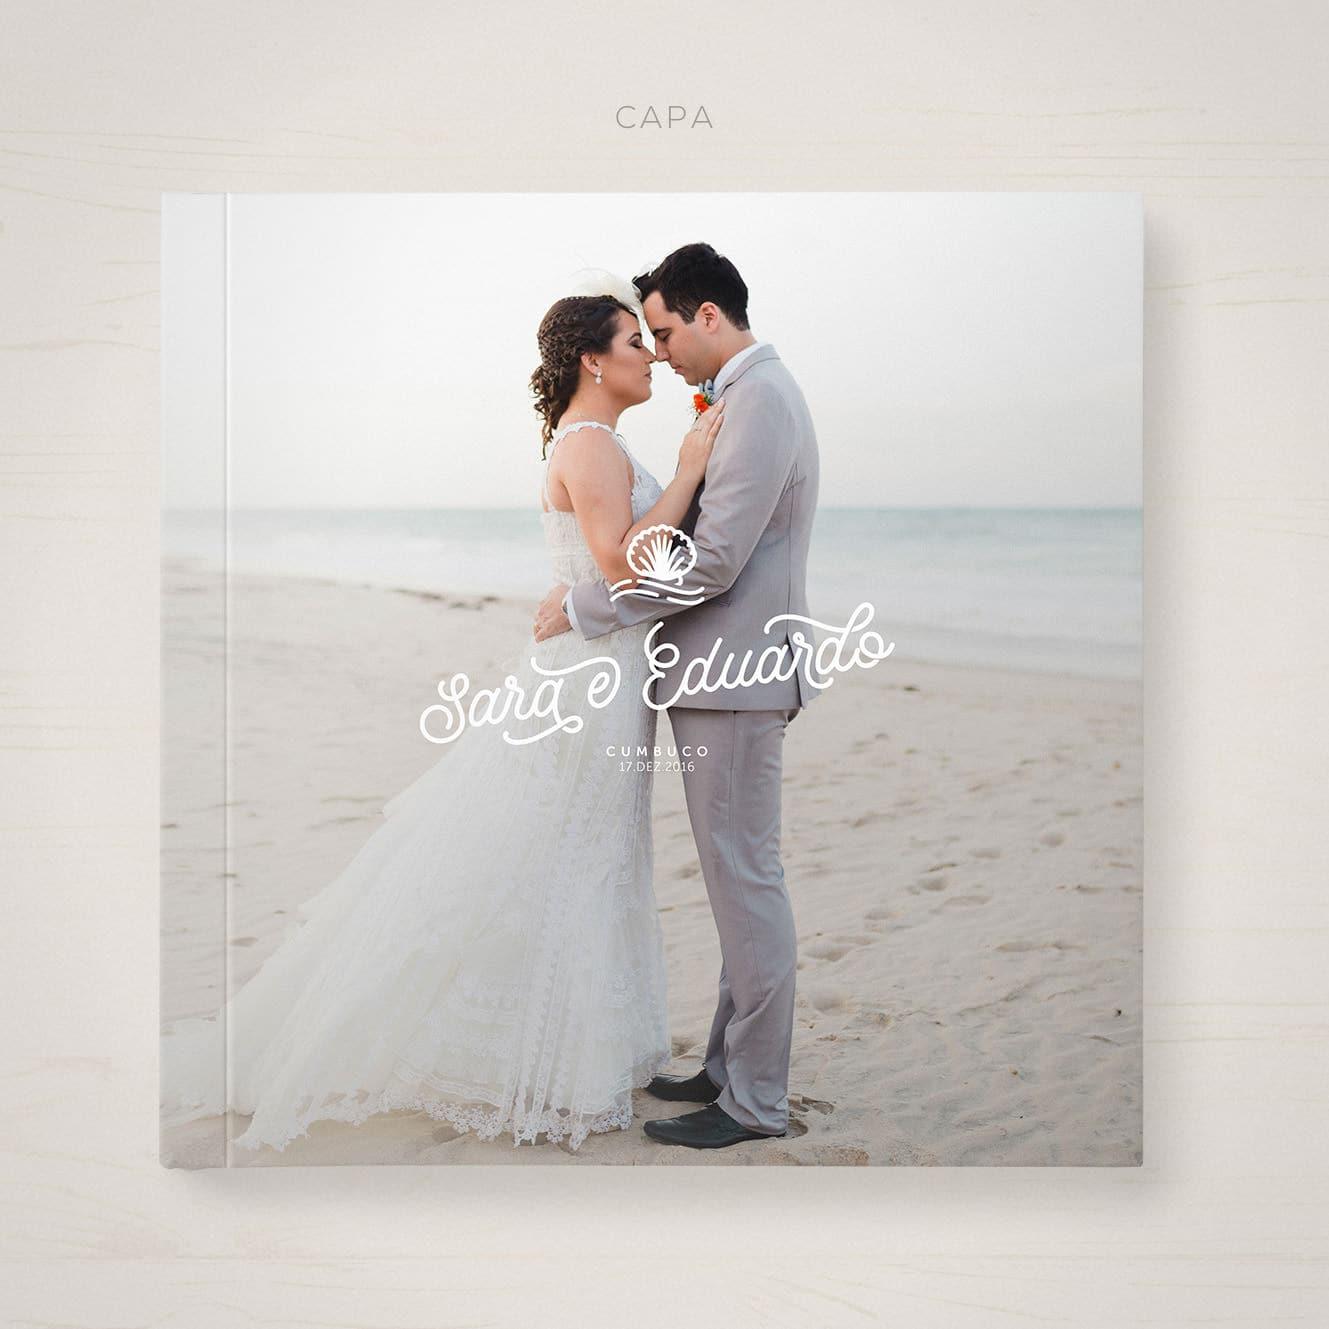 album capa